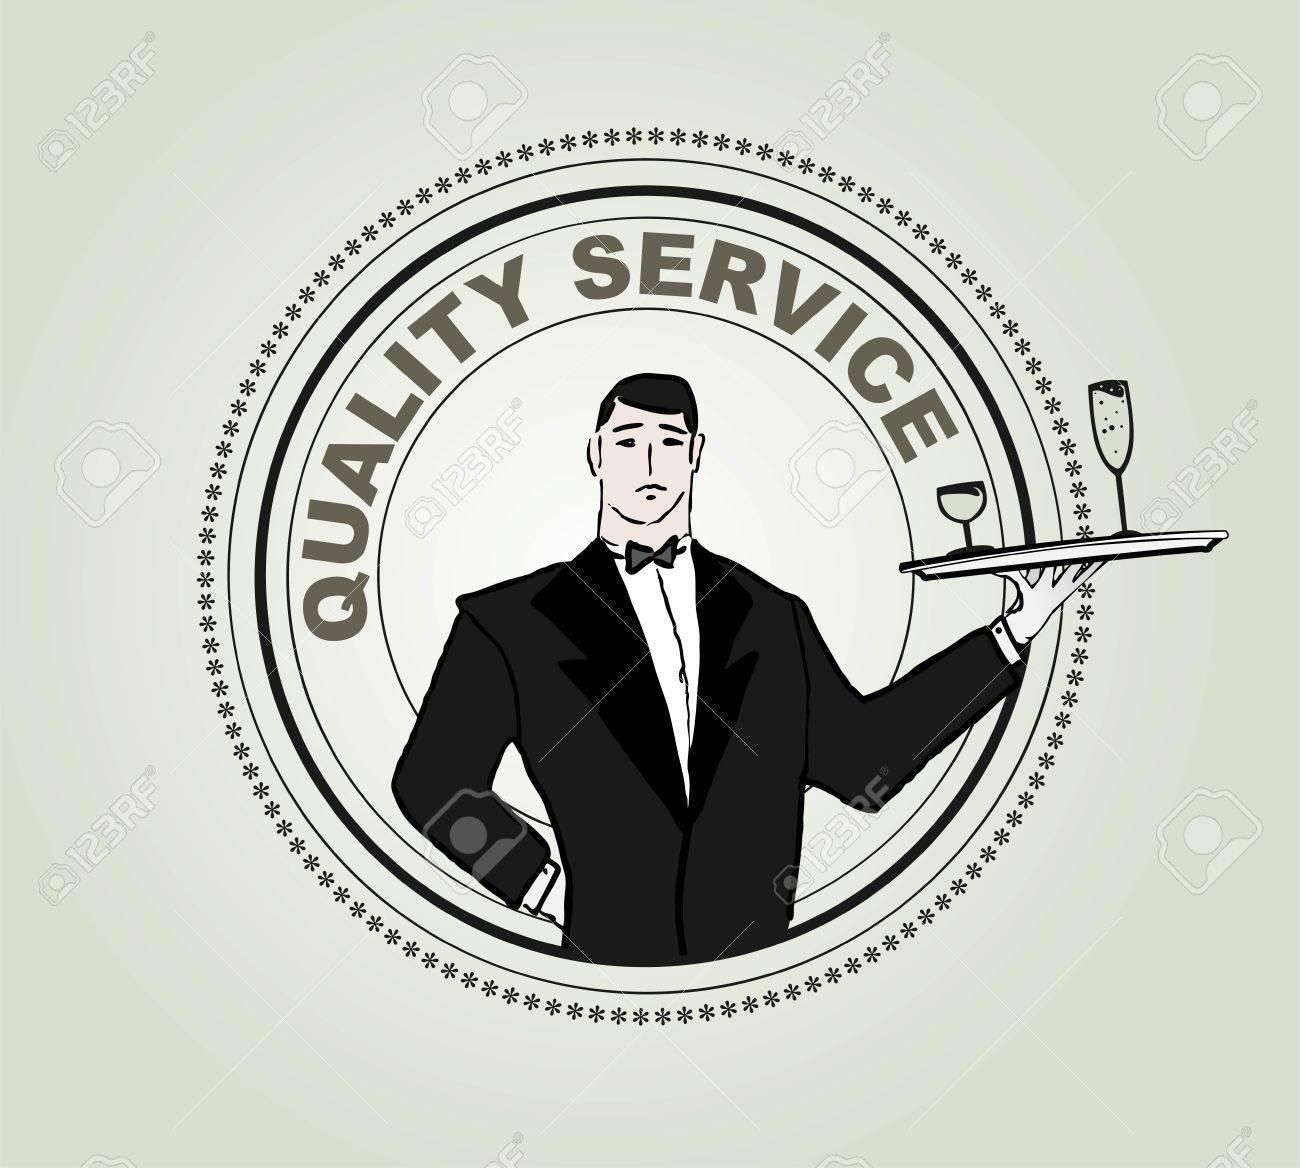 Restaurant service vector label Stock Vector - 16505914